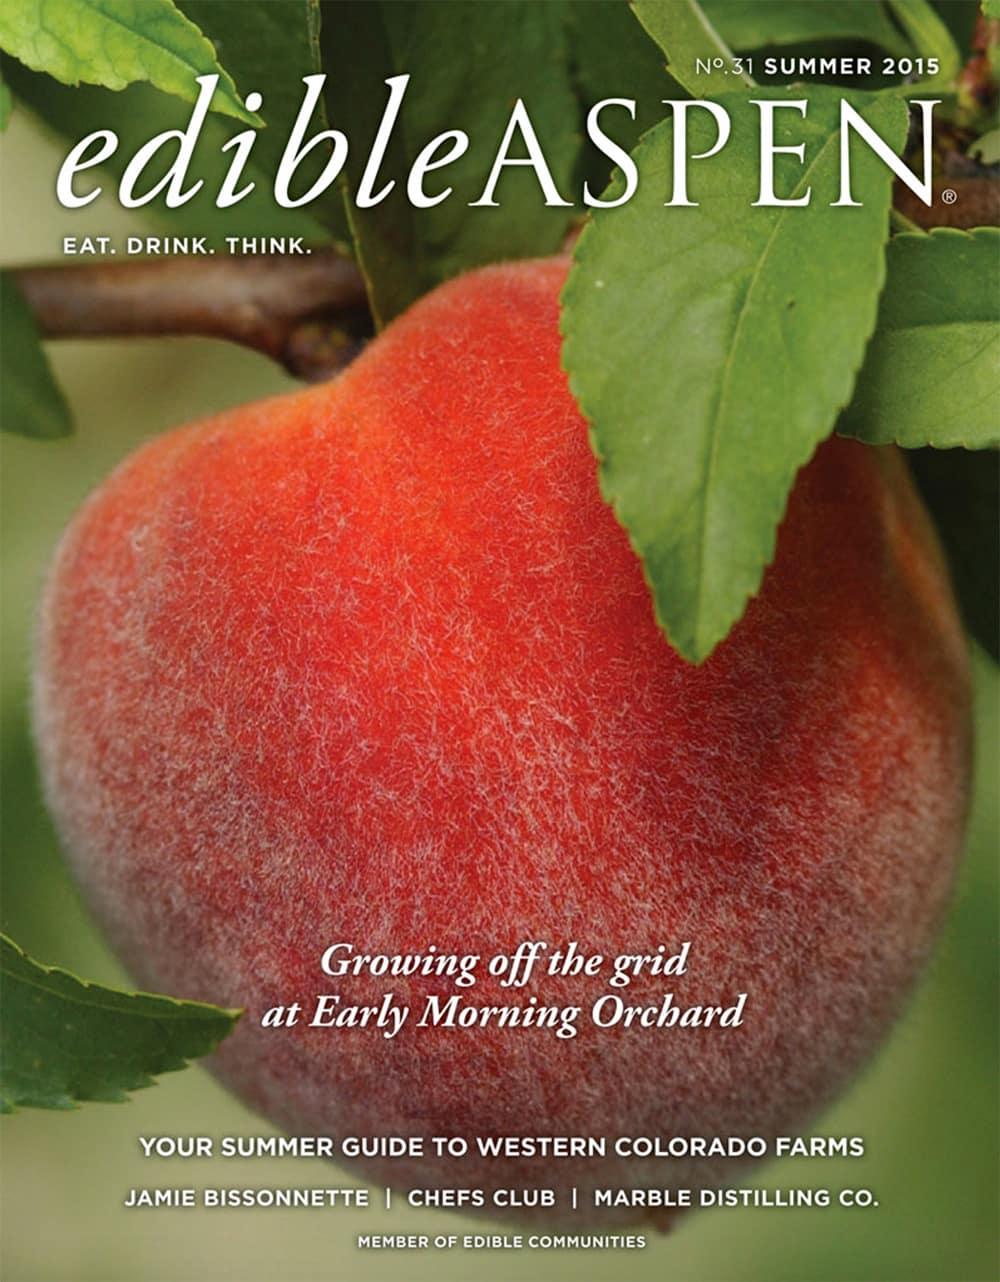 Edible Aspen magazine cover, Summer 2015